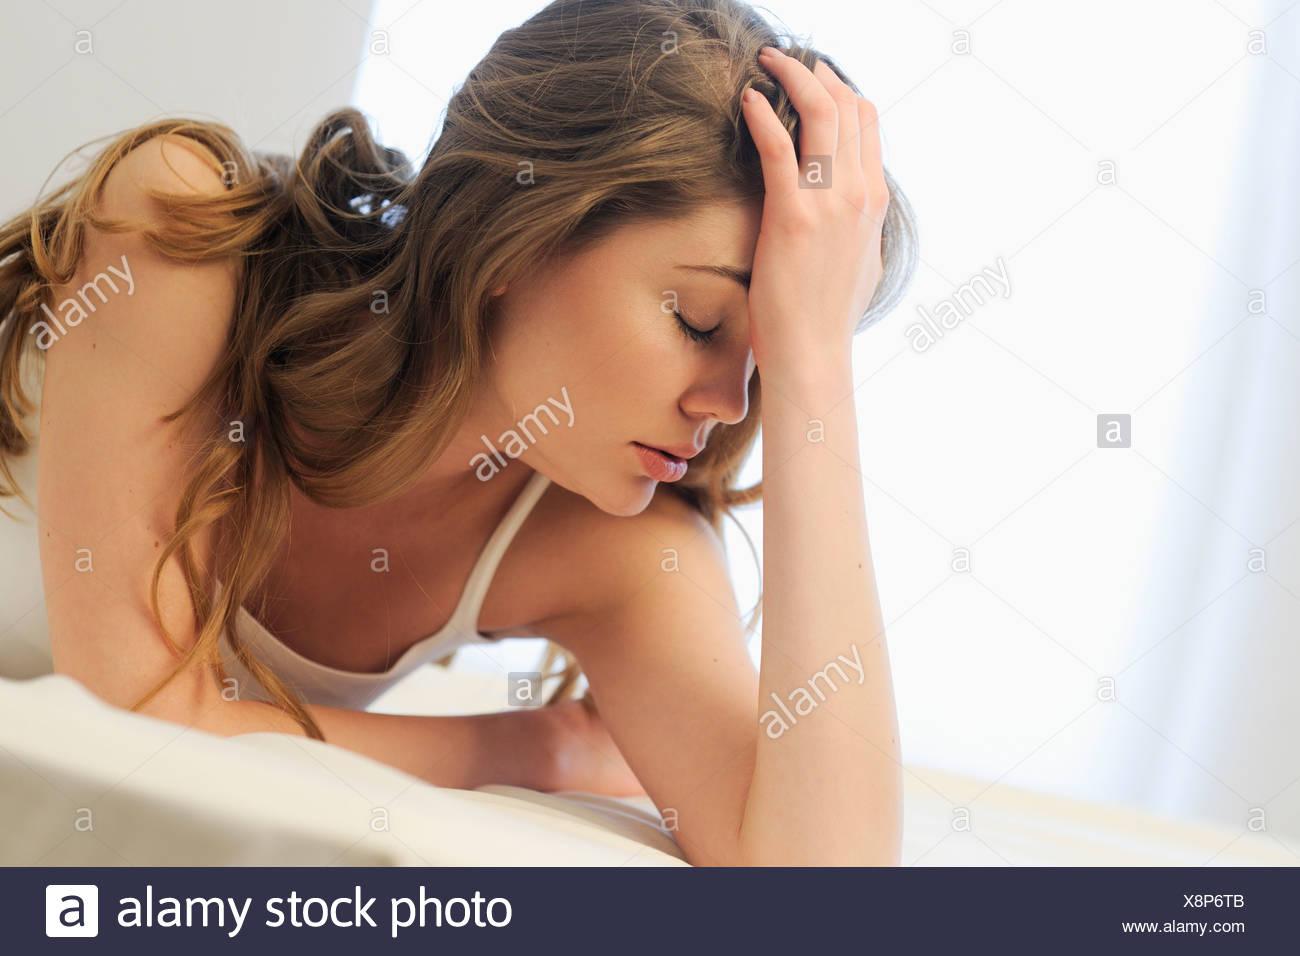 Eine Frau Liegt Auf Einem Bett Auf Der Suche Müde Und Gestresst